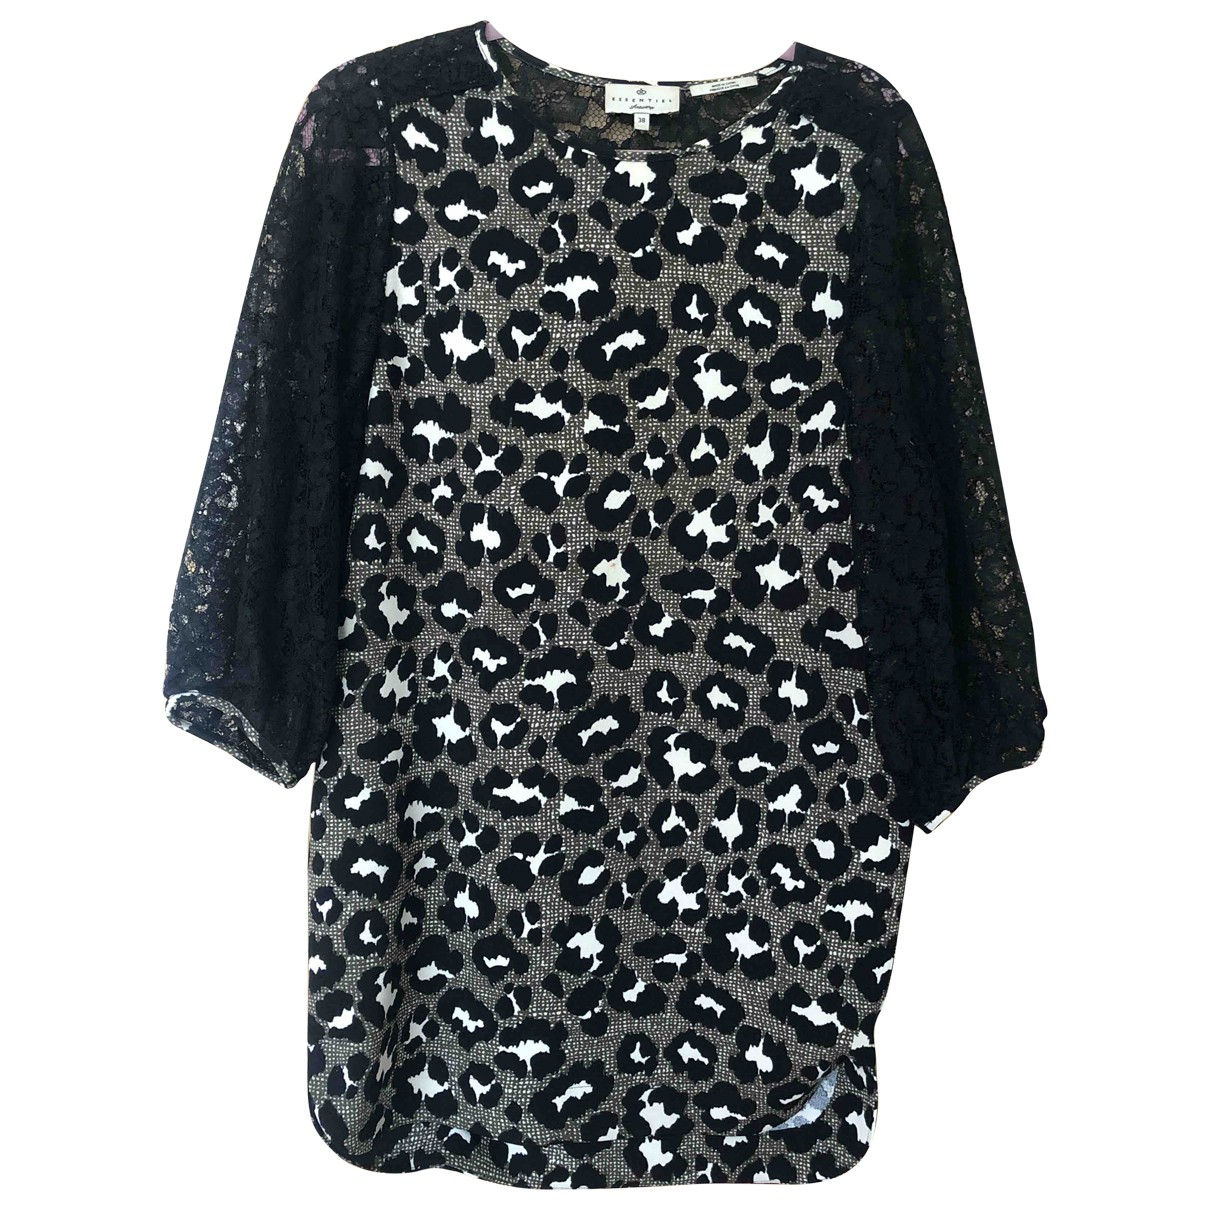 Essentiel Antwerp \N Kleid in  Schwarz Polyester